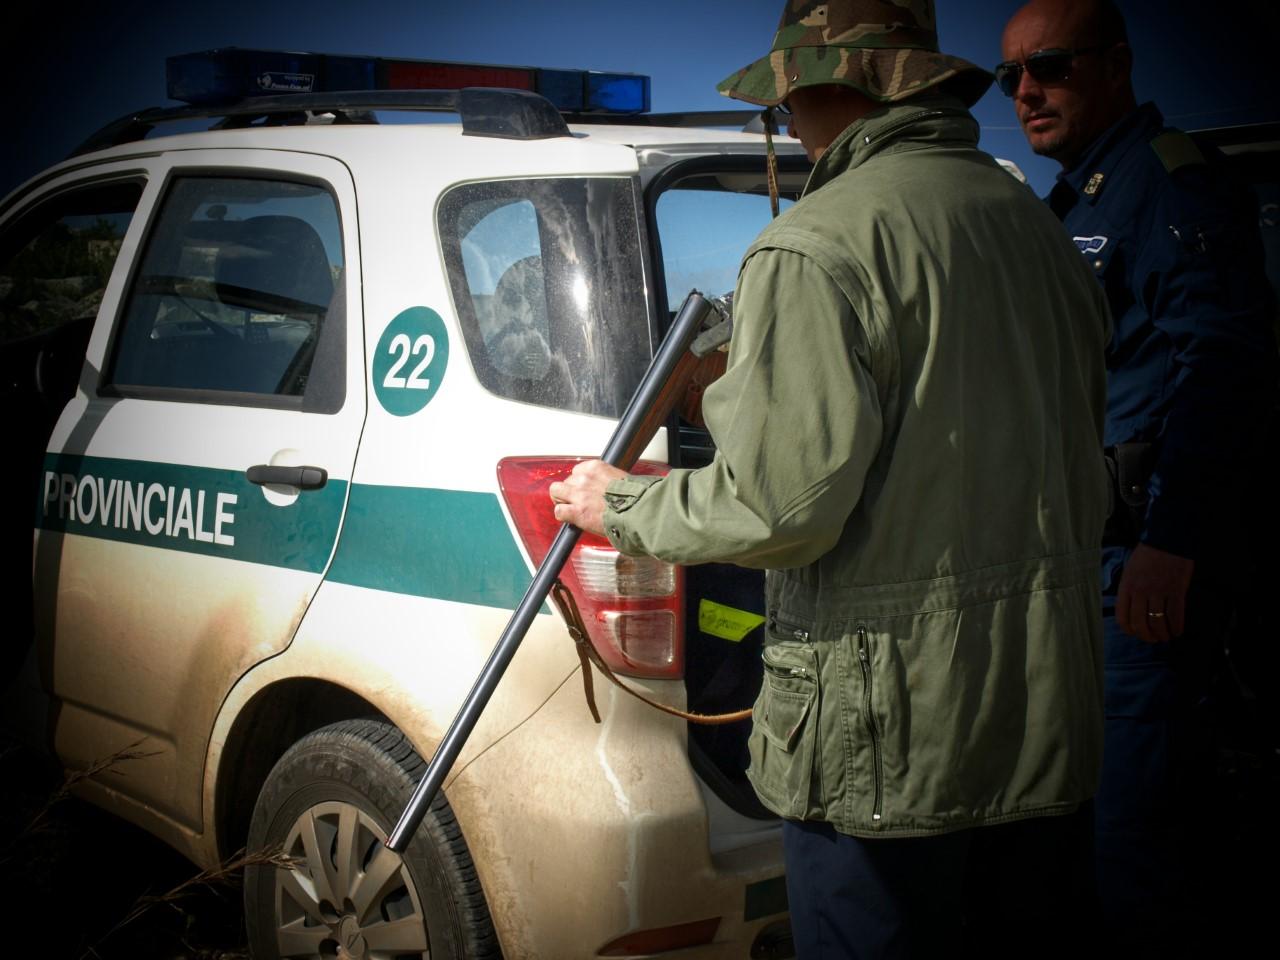 SANZIONI DELLA POLIZIA PROVINCIALE PER CACCIA IN ZONA VIETATA